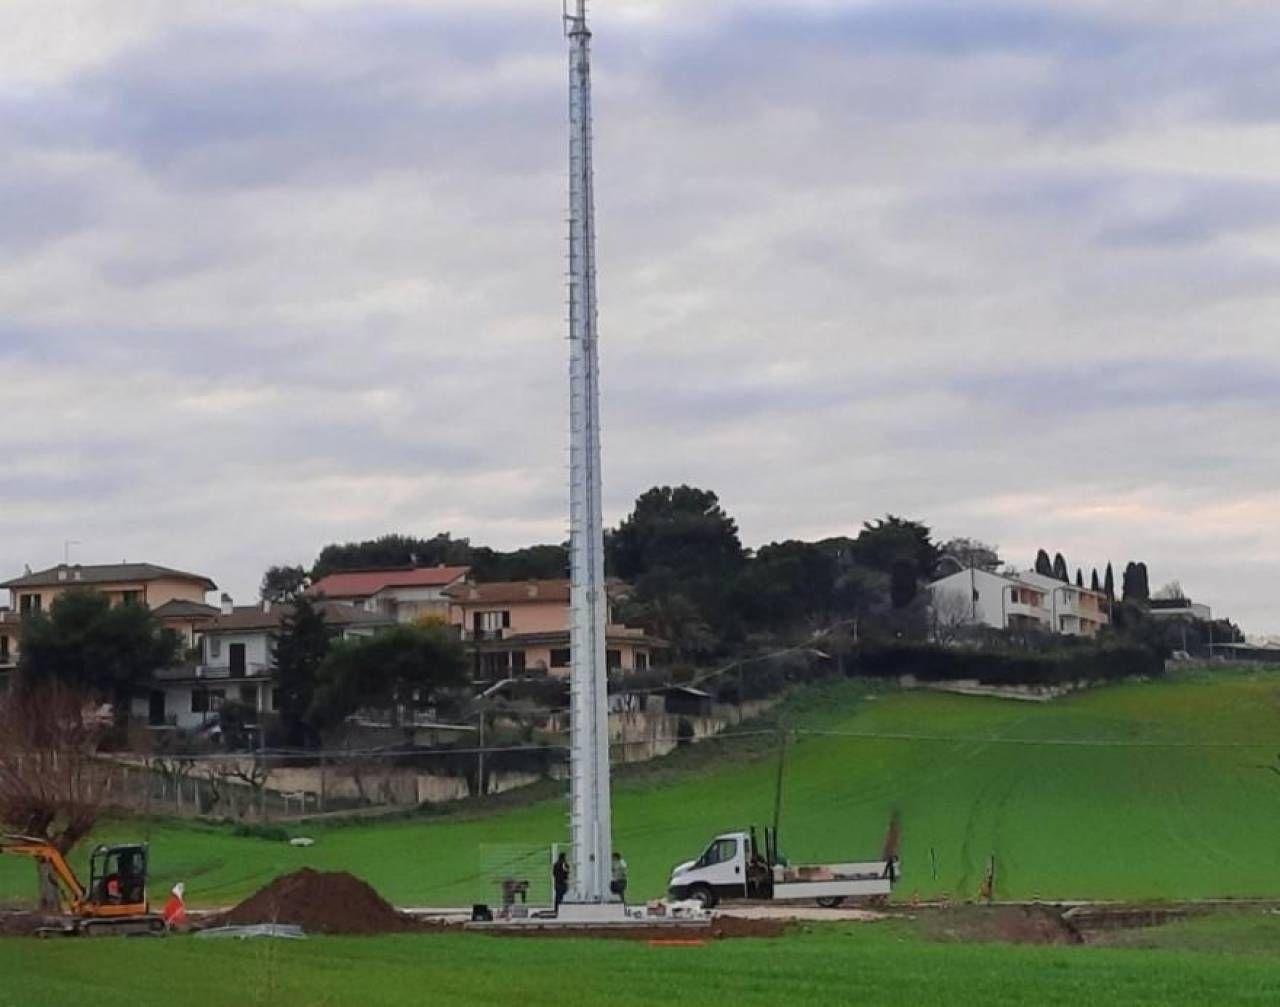 La antenna finita nel mirino nel Comune di Loreto